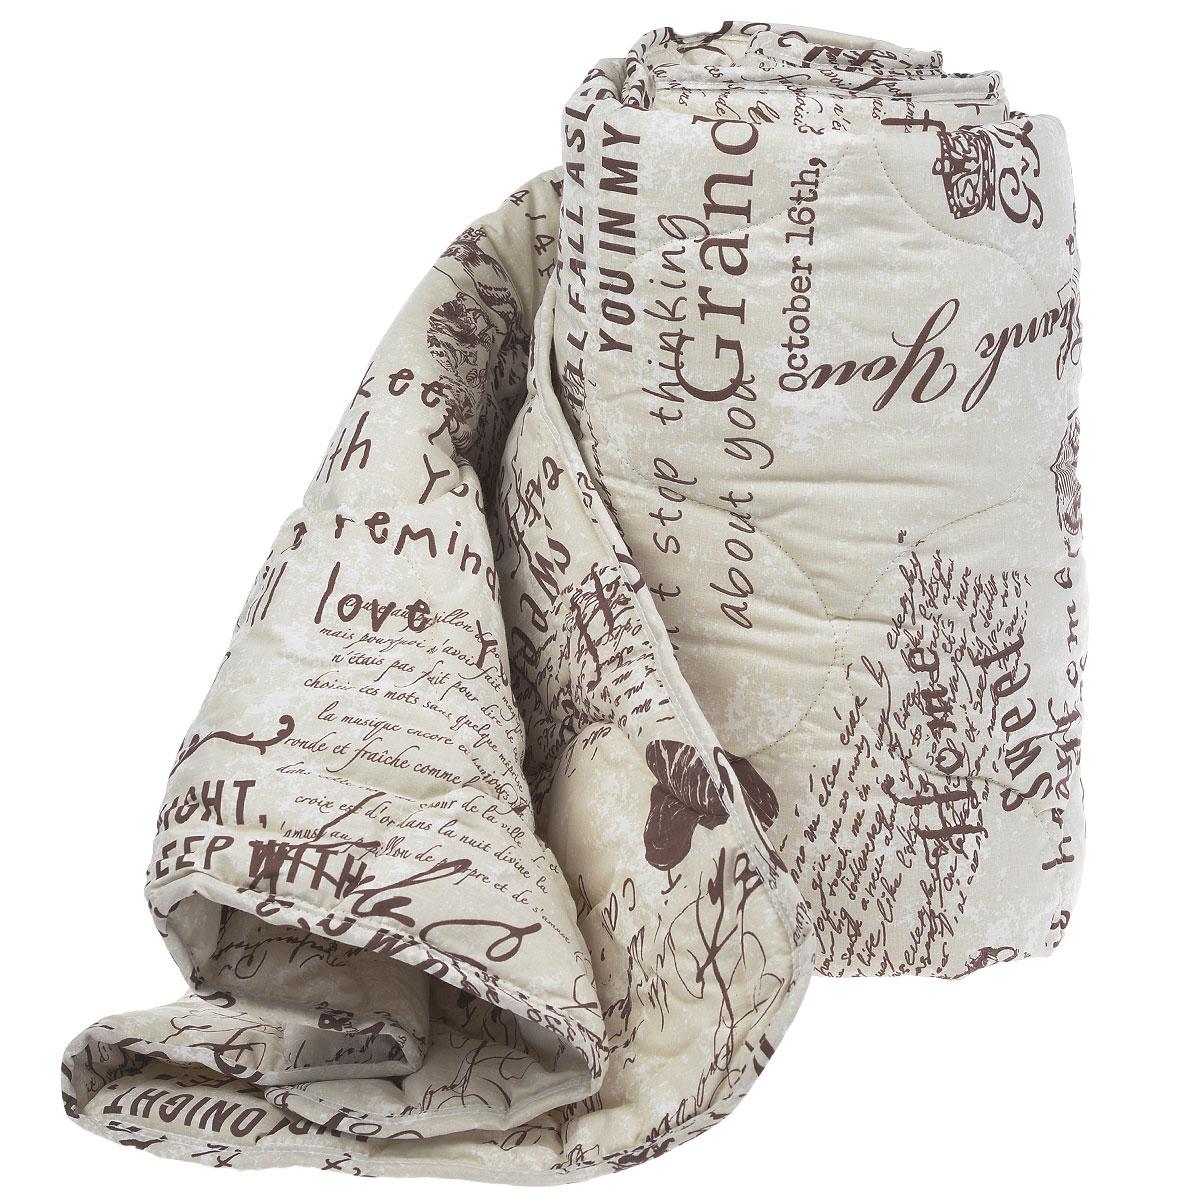 Одеяло Comfort Line Меринос, наполнитель: шерсть мериноса, полиэстер, 140 см х 205 см183678Классическое одеяло Comfort Line Меринос подарит вам незабываемое чувство комфорта и умиротворения. Чехол выполнен из натурального хлопка. Внутри - наполнитель из мериносовой шерсти и и полиэстера. Одеяло постоянно поддерживает нужную температуру: оно греет зимой и дает прохладу летом. Одеяло Comfort Line Меринос помогает просыпаться бодрыми и полными сил. Оно разработано специально для активных людей, заботящихся о своём здоровье, проводящих много времени у компьютера. Изделия из мериносовой шерсти великолепно стимулирует кровообращение, помогают людям, страдающим остеохондрозом, ревматизмом, бронхиальными недугами. Одеяло упаковано в пластиковую сумку-чехол, закрывающуюся на застежку-молнию. Рекомендации по уходу: - Можно стирать в стиральной машине при температуре не выше 40°С. - Не отбеливать. - Не гладить. - Не сушить в барабанной сушке. Материал чехла: хлопок. Наполнитель: мериносовая шерсть. Размер: 140 см х 205 см.Плотность: 300 г/м2.